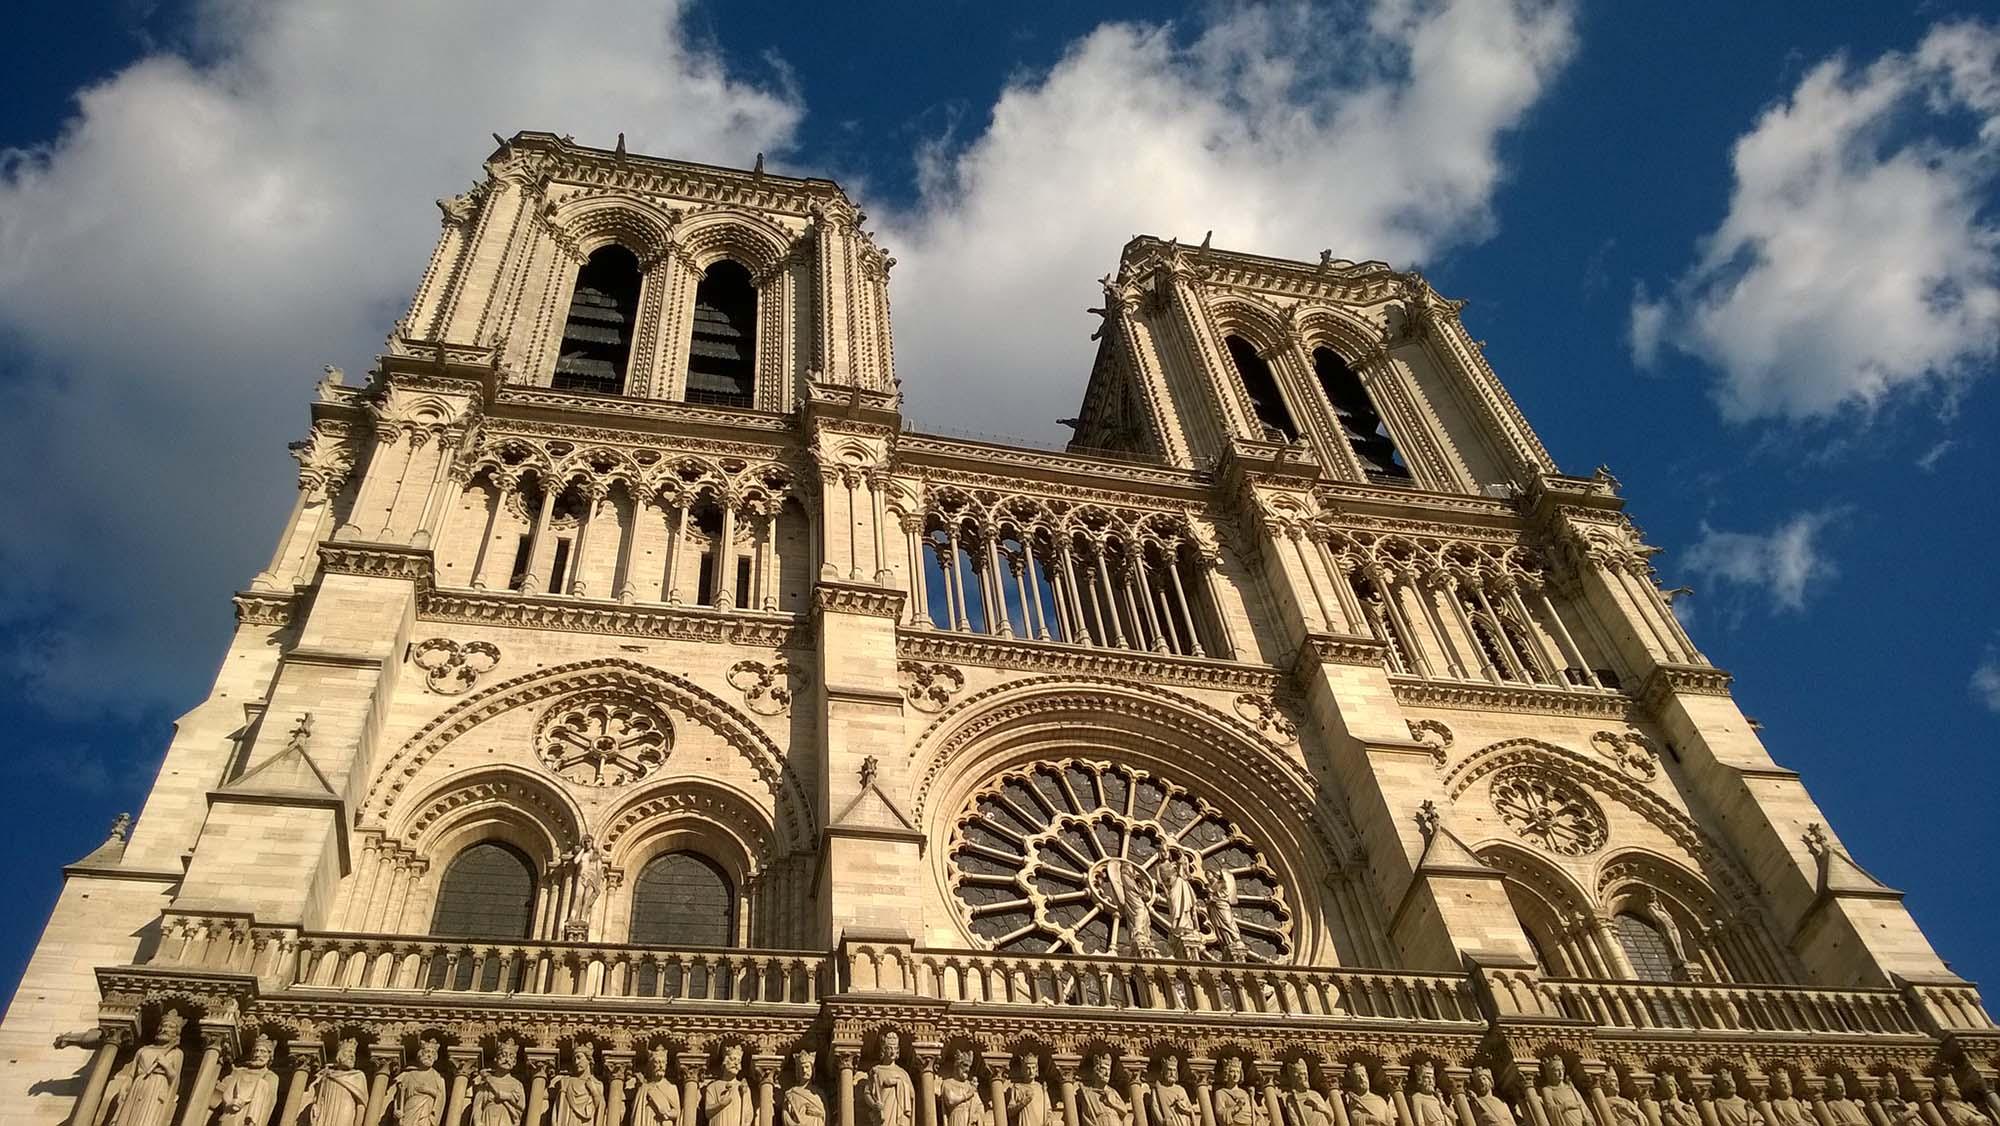 Notre-Dame de Paris : Wikimédia vous invite à partager vos plus belles photos de la cathédrale